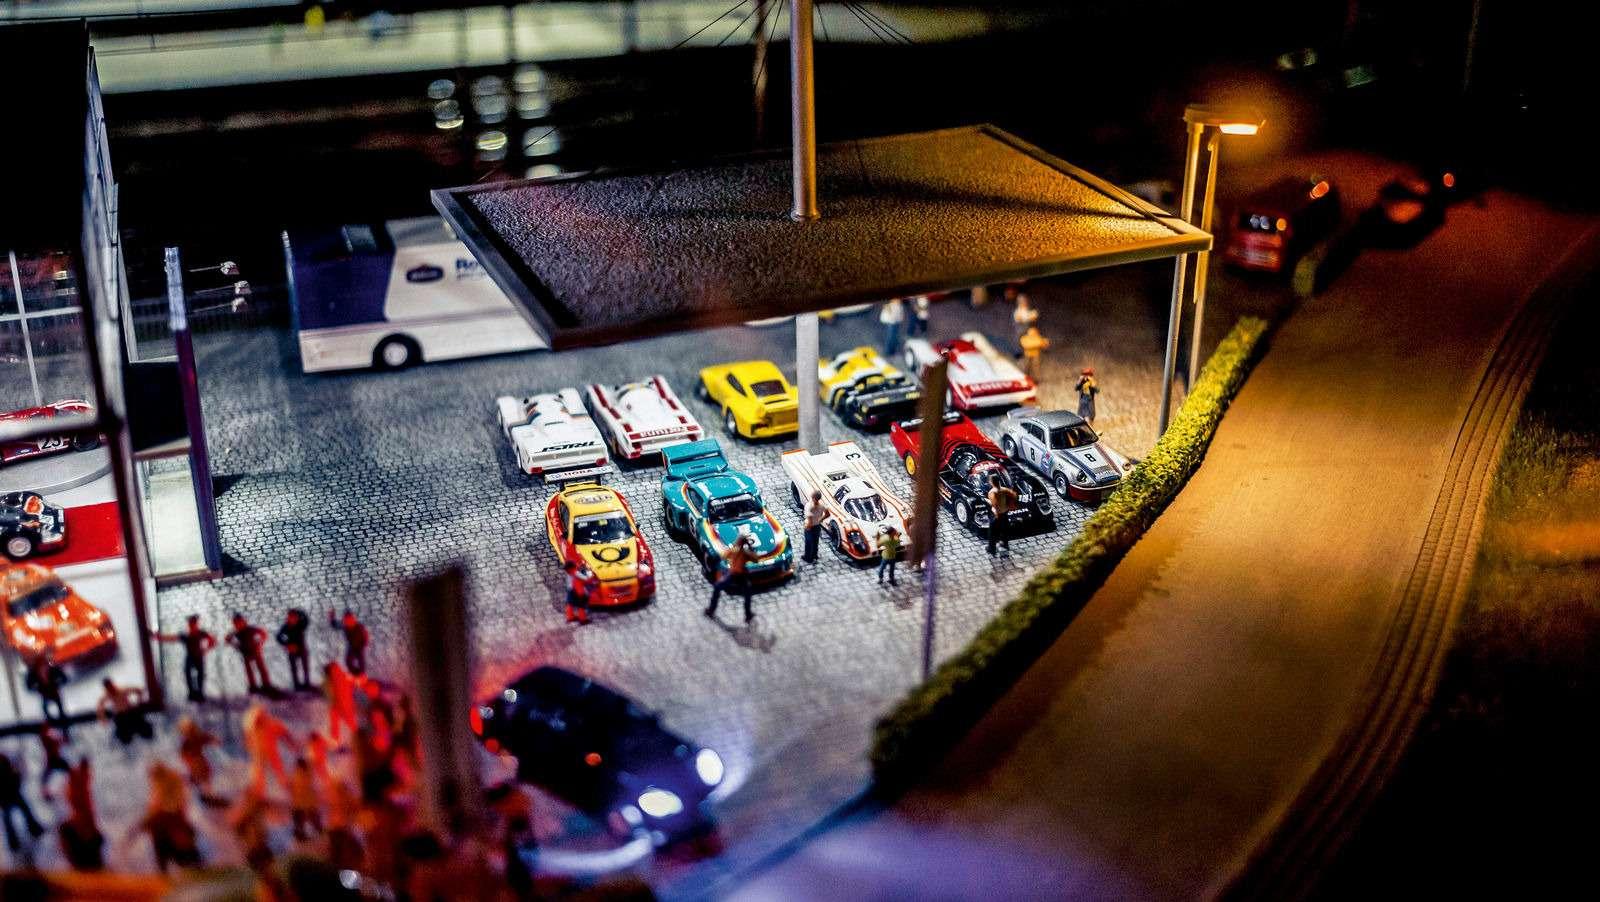 Внук Фердинанда Порше показал свою коллекцию игрушек— фото 831044